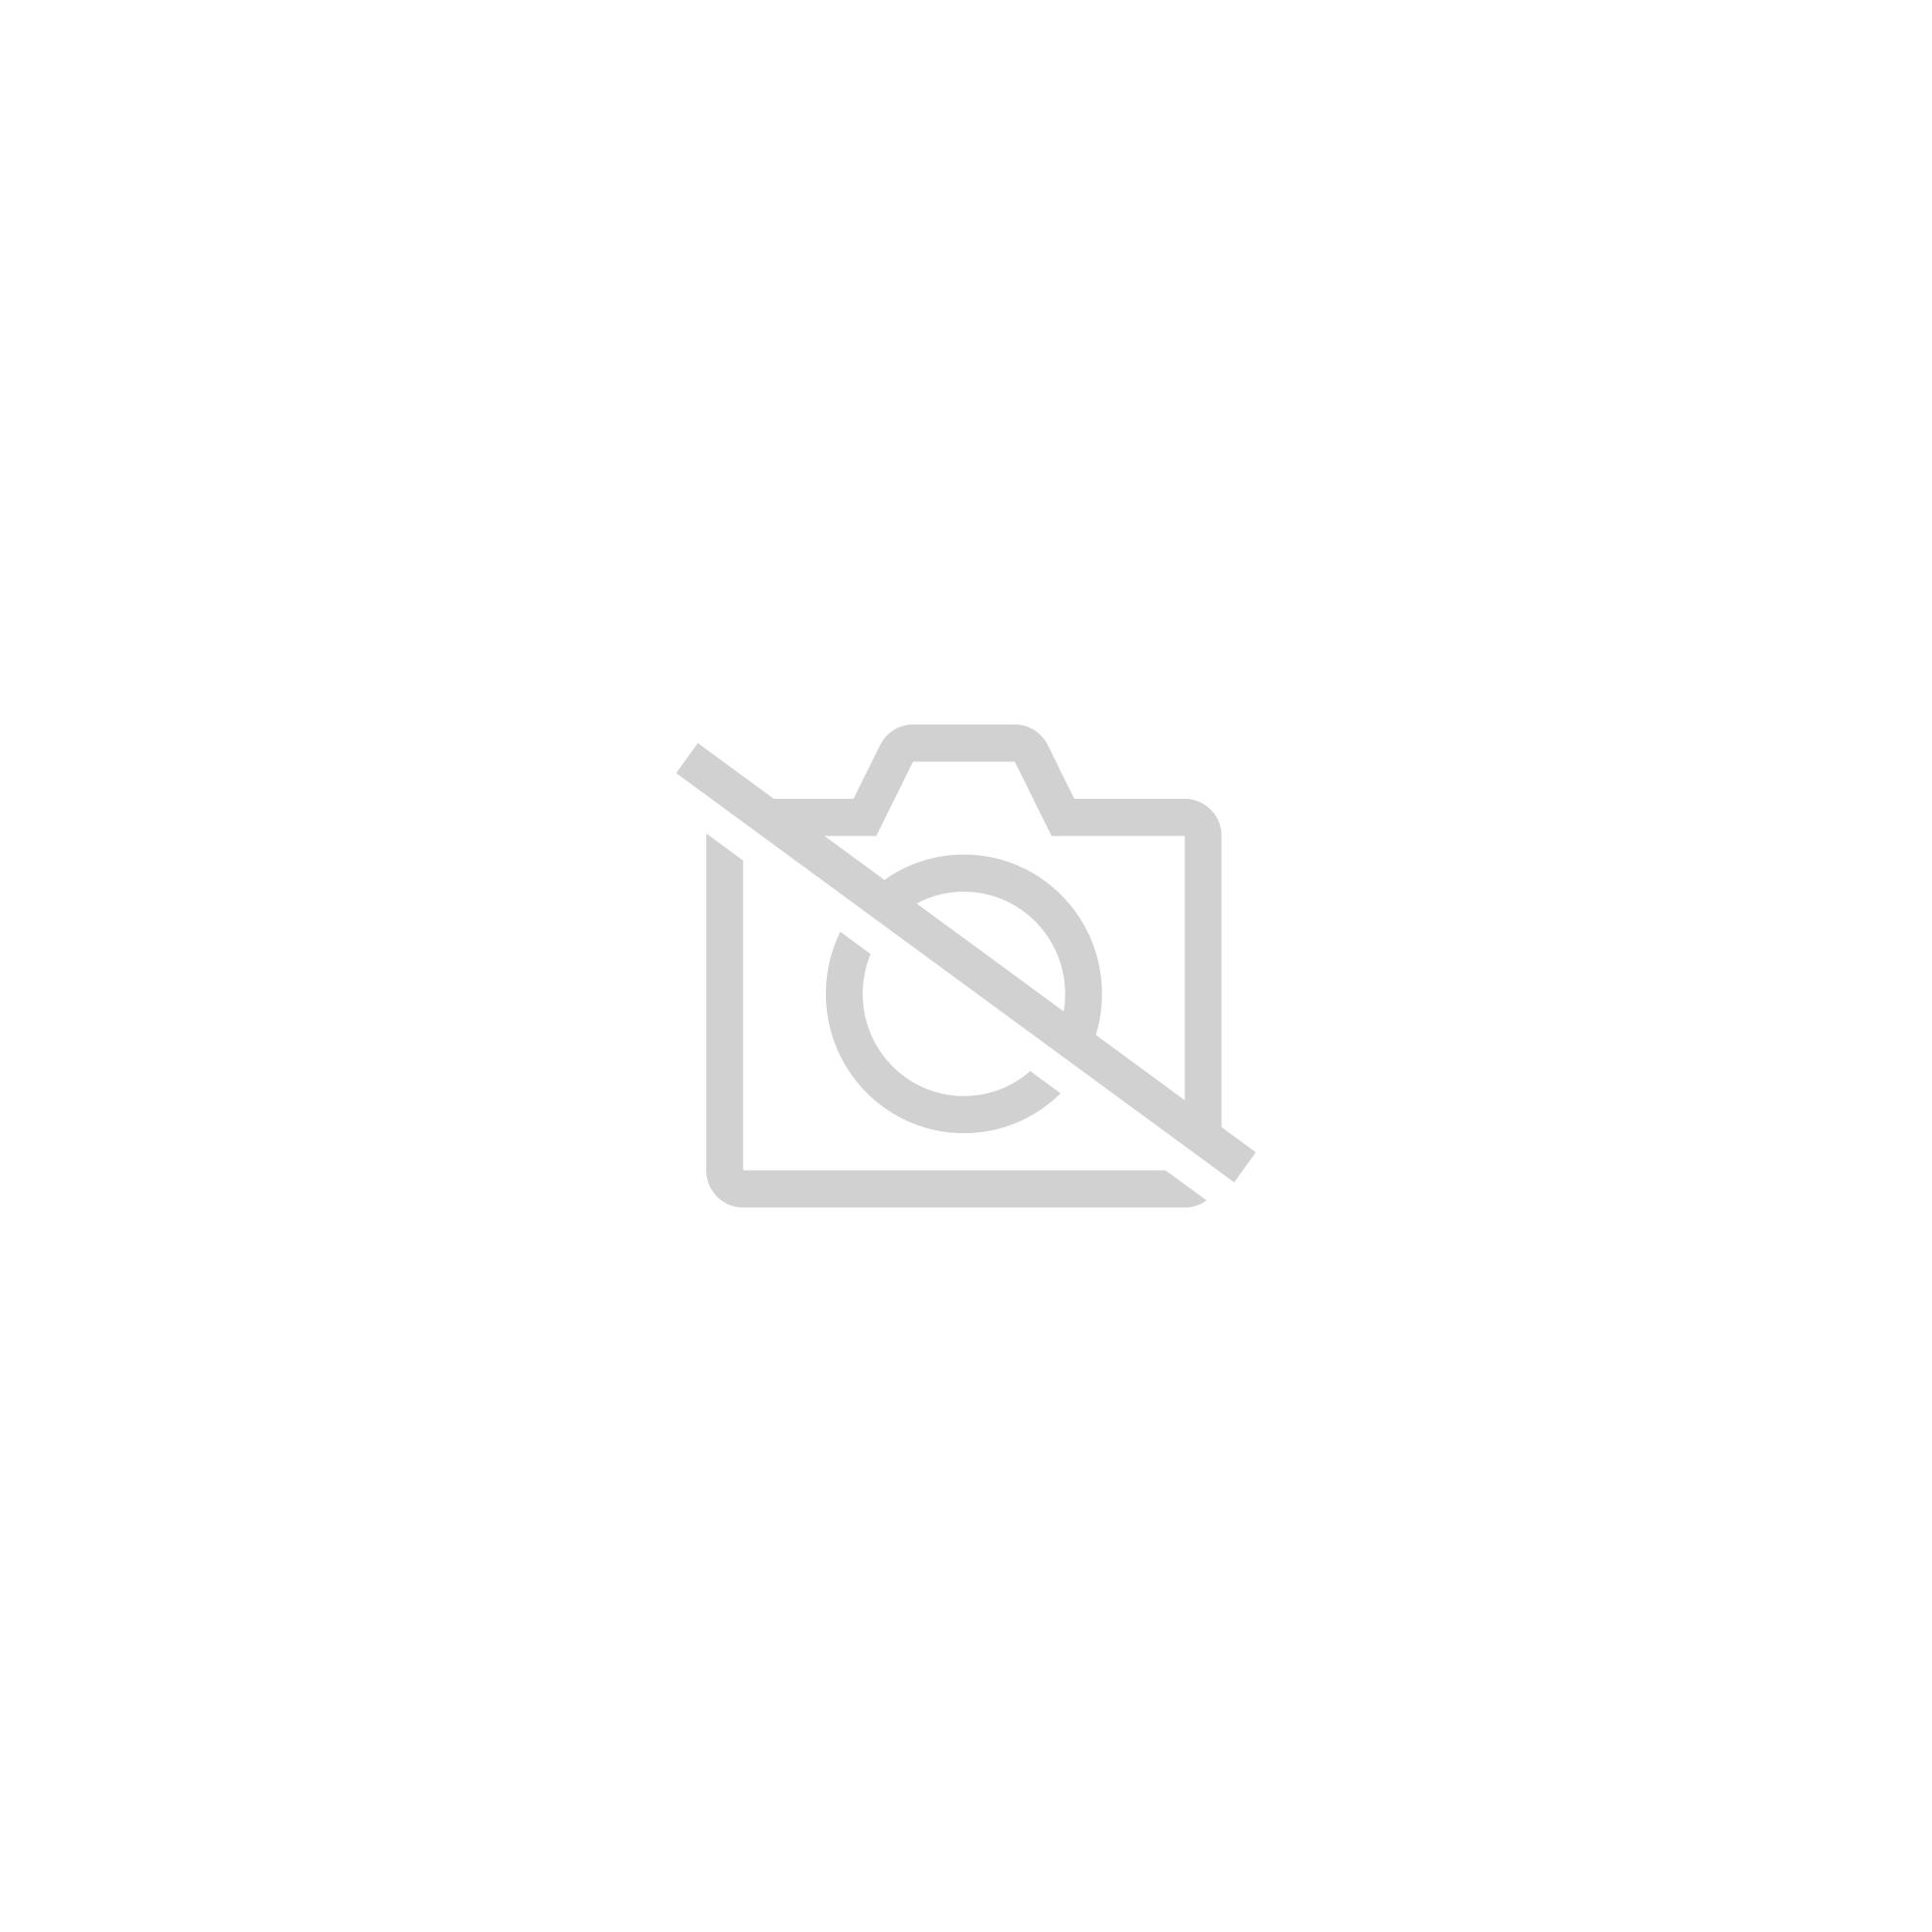 Canon Pg-540 / Cl-541 Multipack - D�pot D'encre - 1 X Noir, Couleur (Cian, Magenta, Jaune) - Pour Pixma Mg2250, Mg3250, Mg3550, Mg4150, Mg4250, Mx375, Mx395, Mx435, Mx455, Mx515, Mx525 Remanufactur�